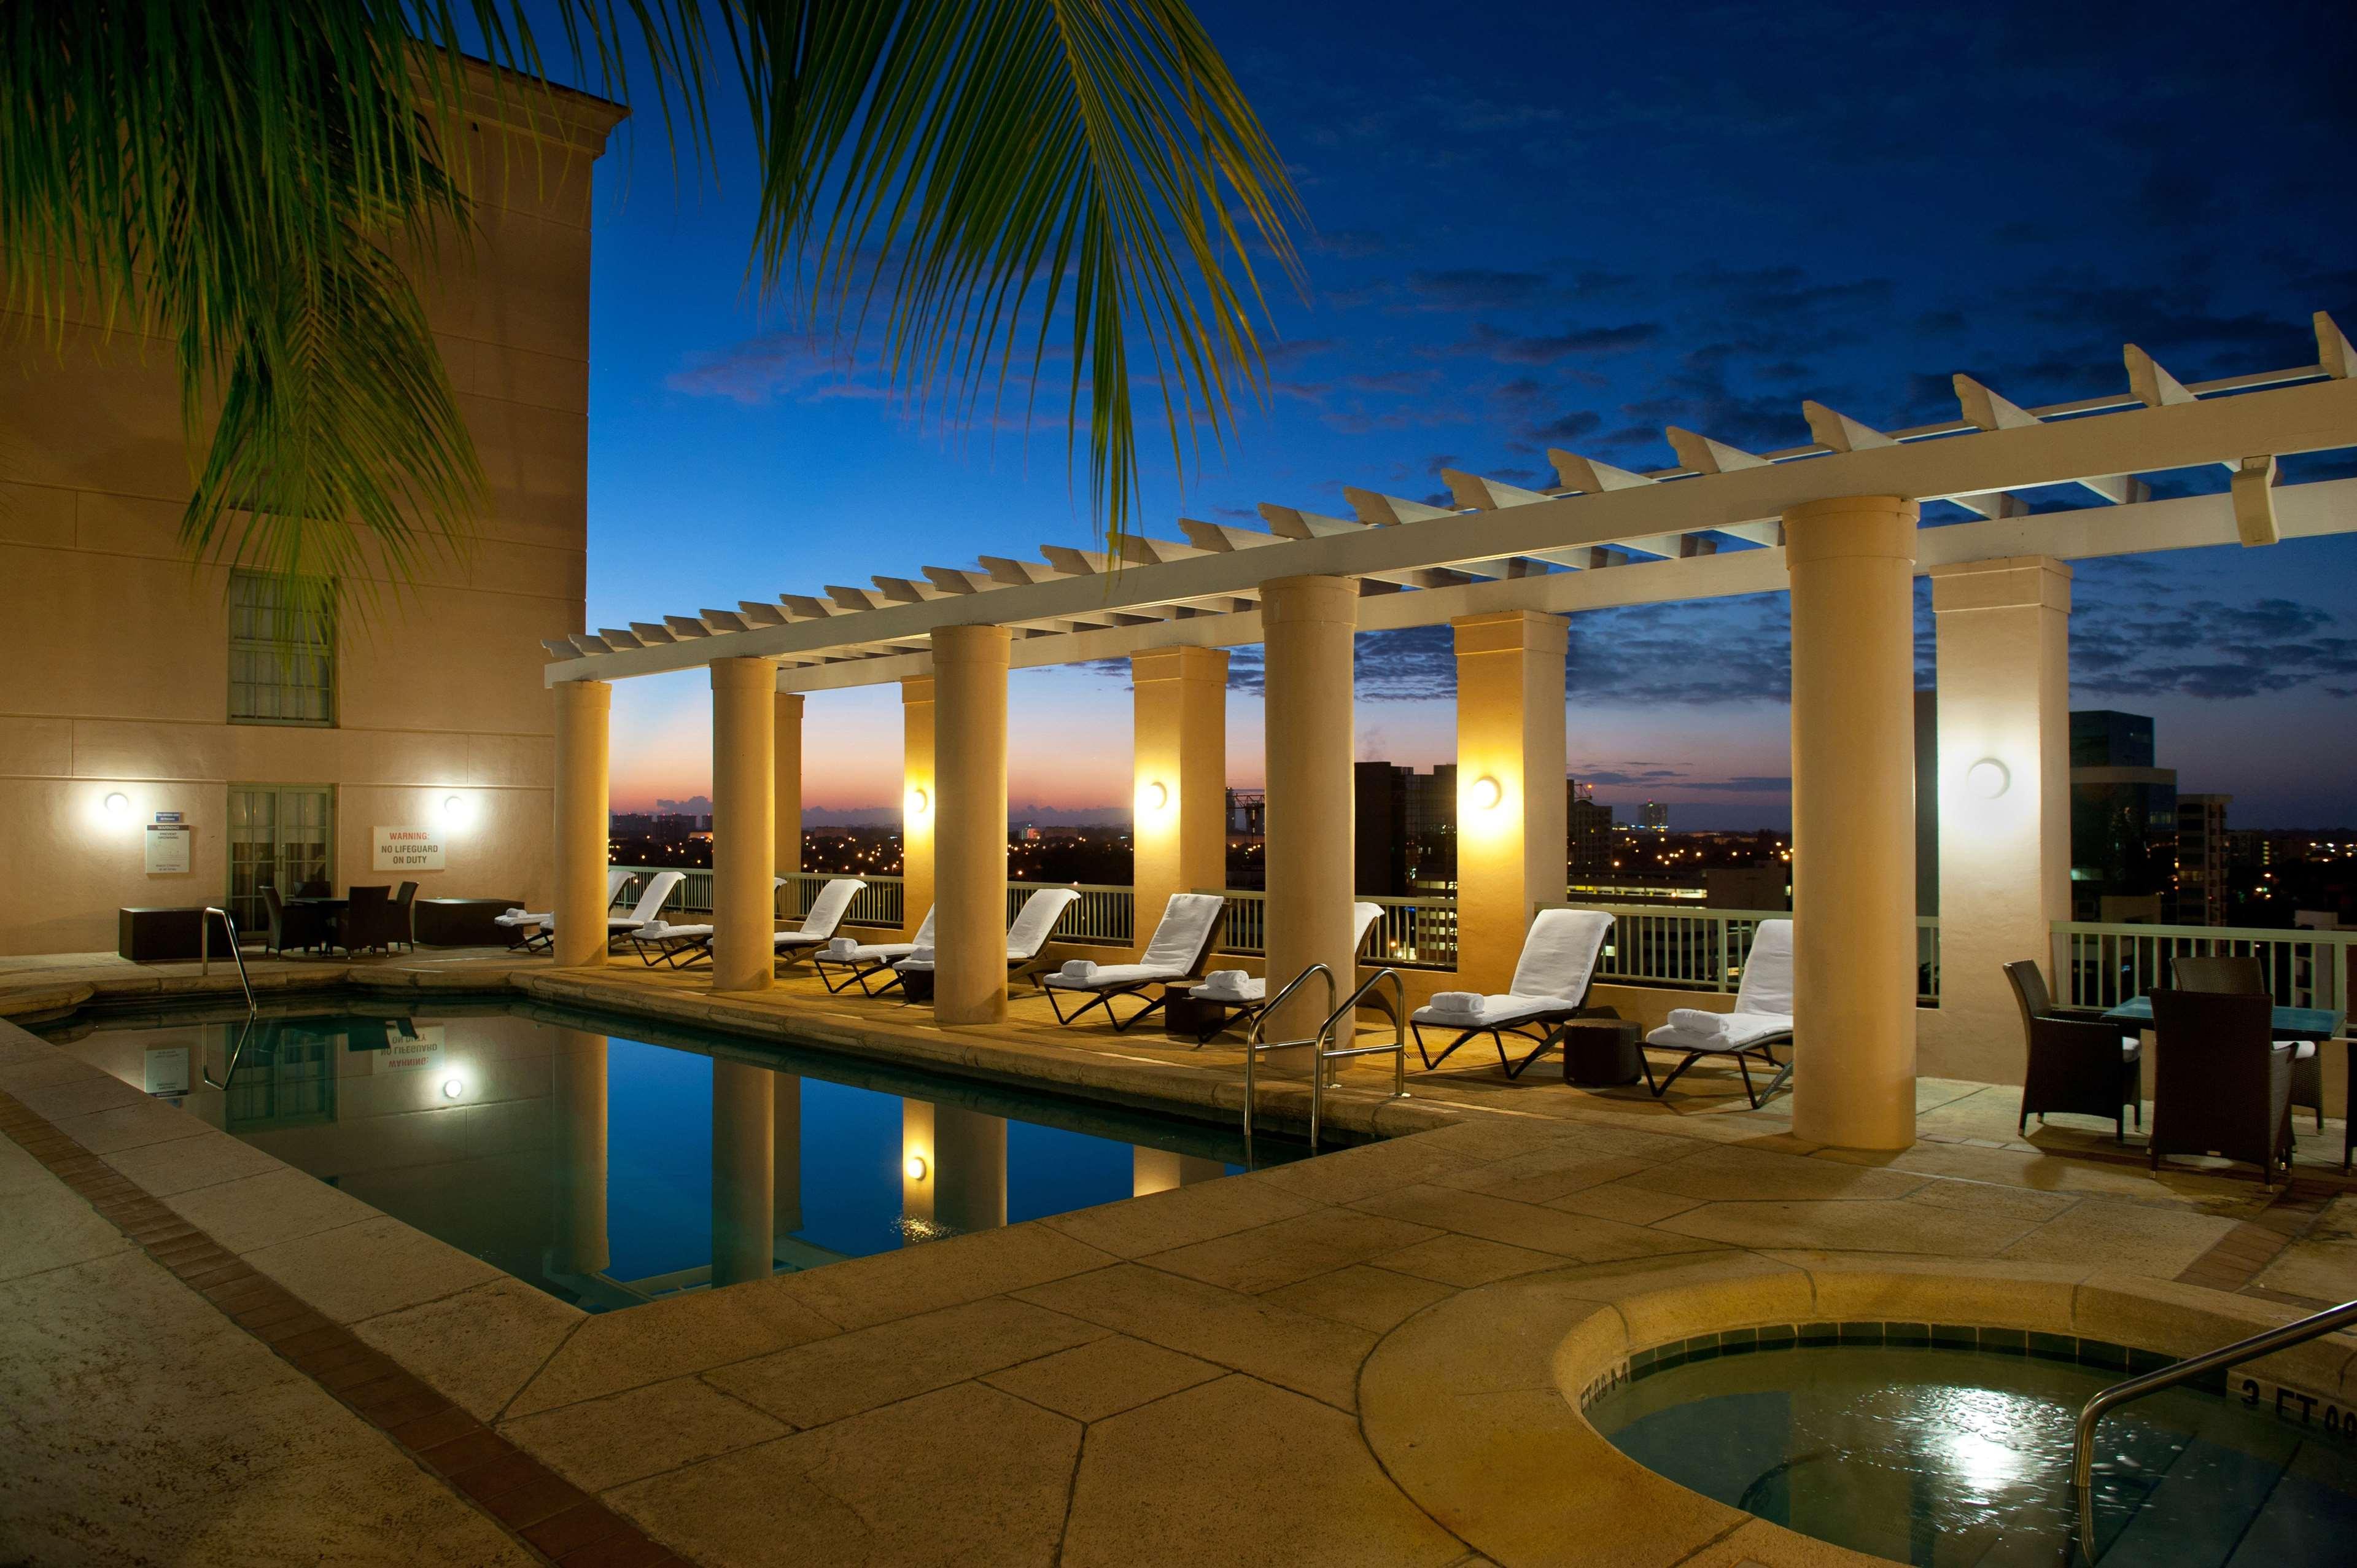 Motels Coral Gables Florida